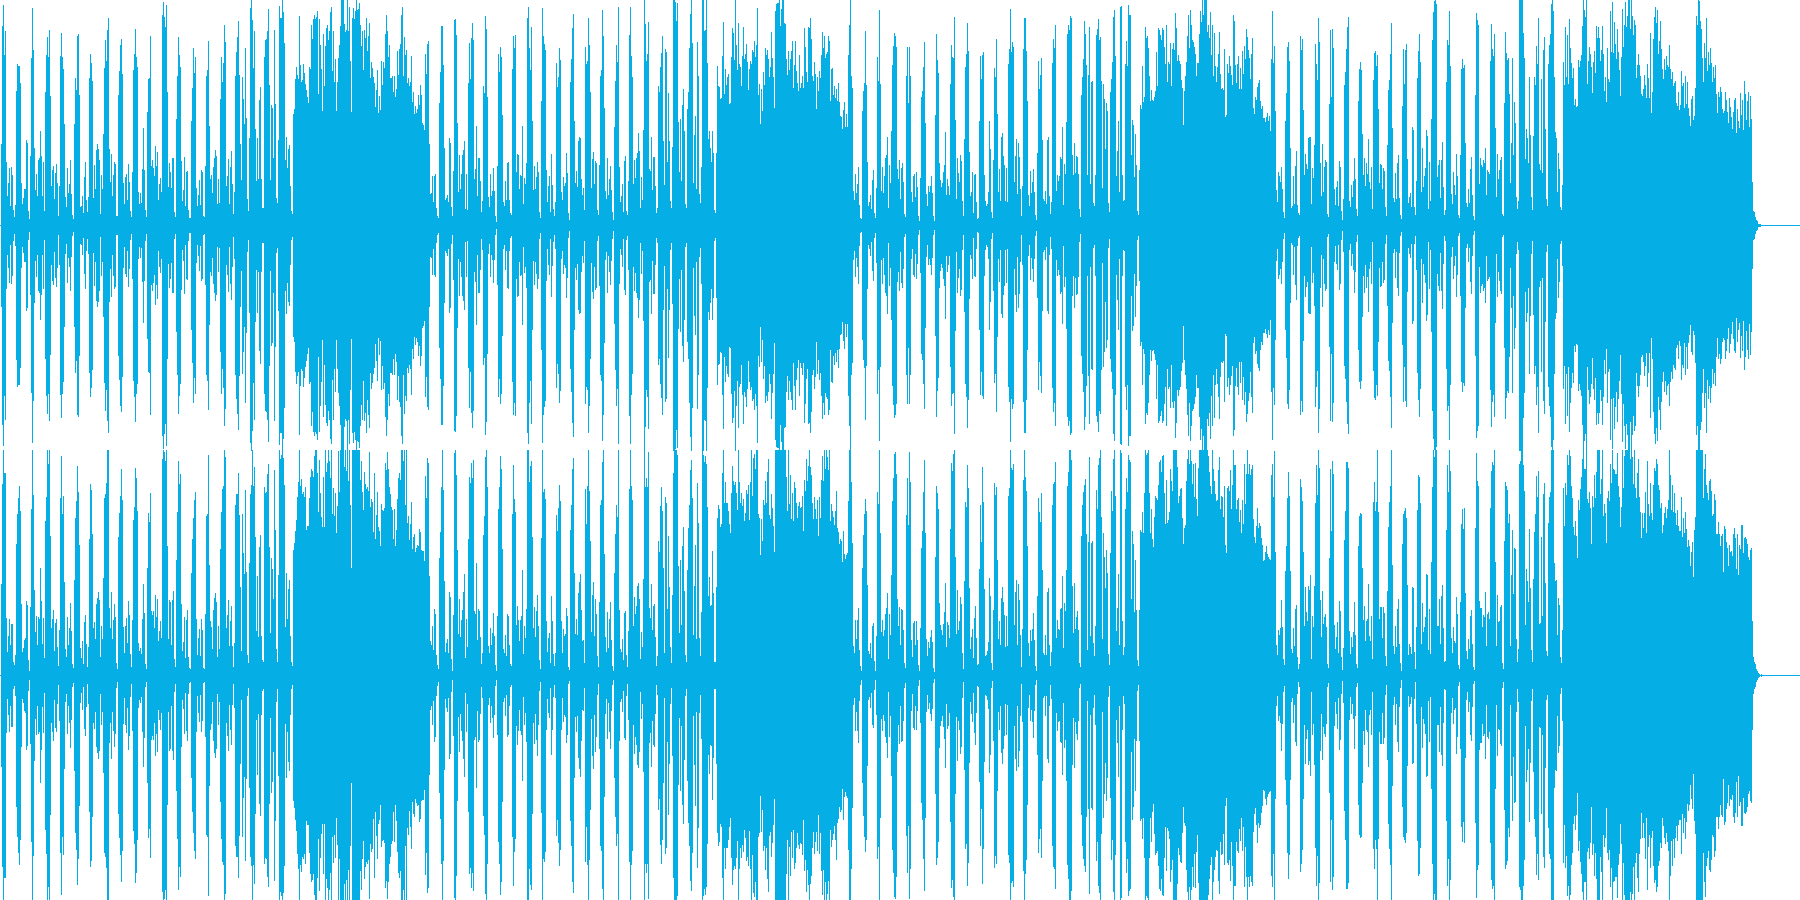 格調の高いス気品あるストリングス曲の再生済みの波形